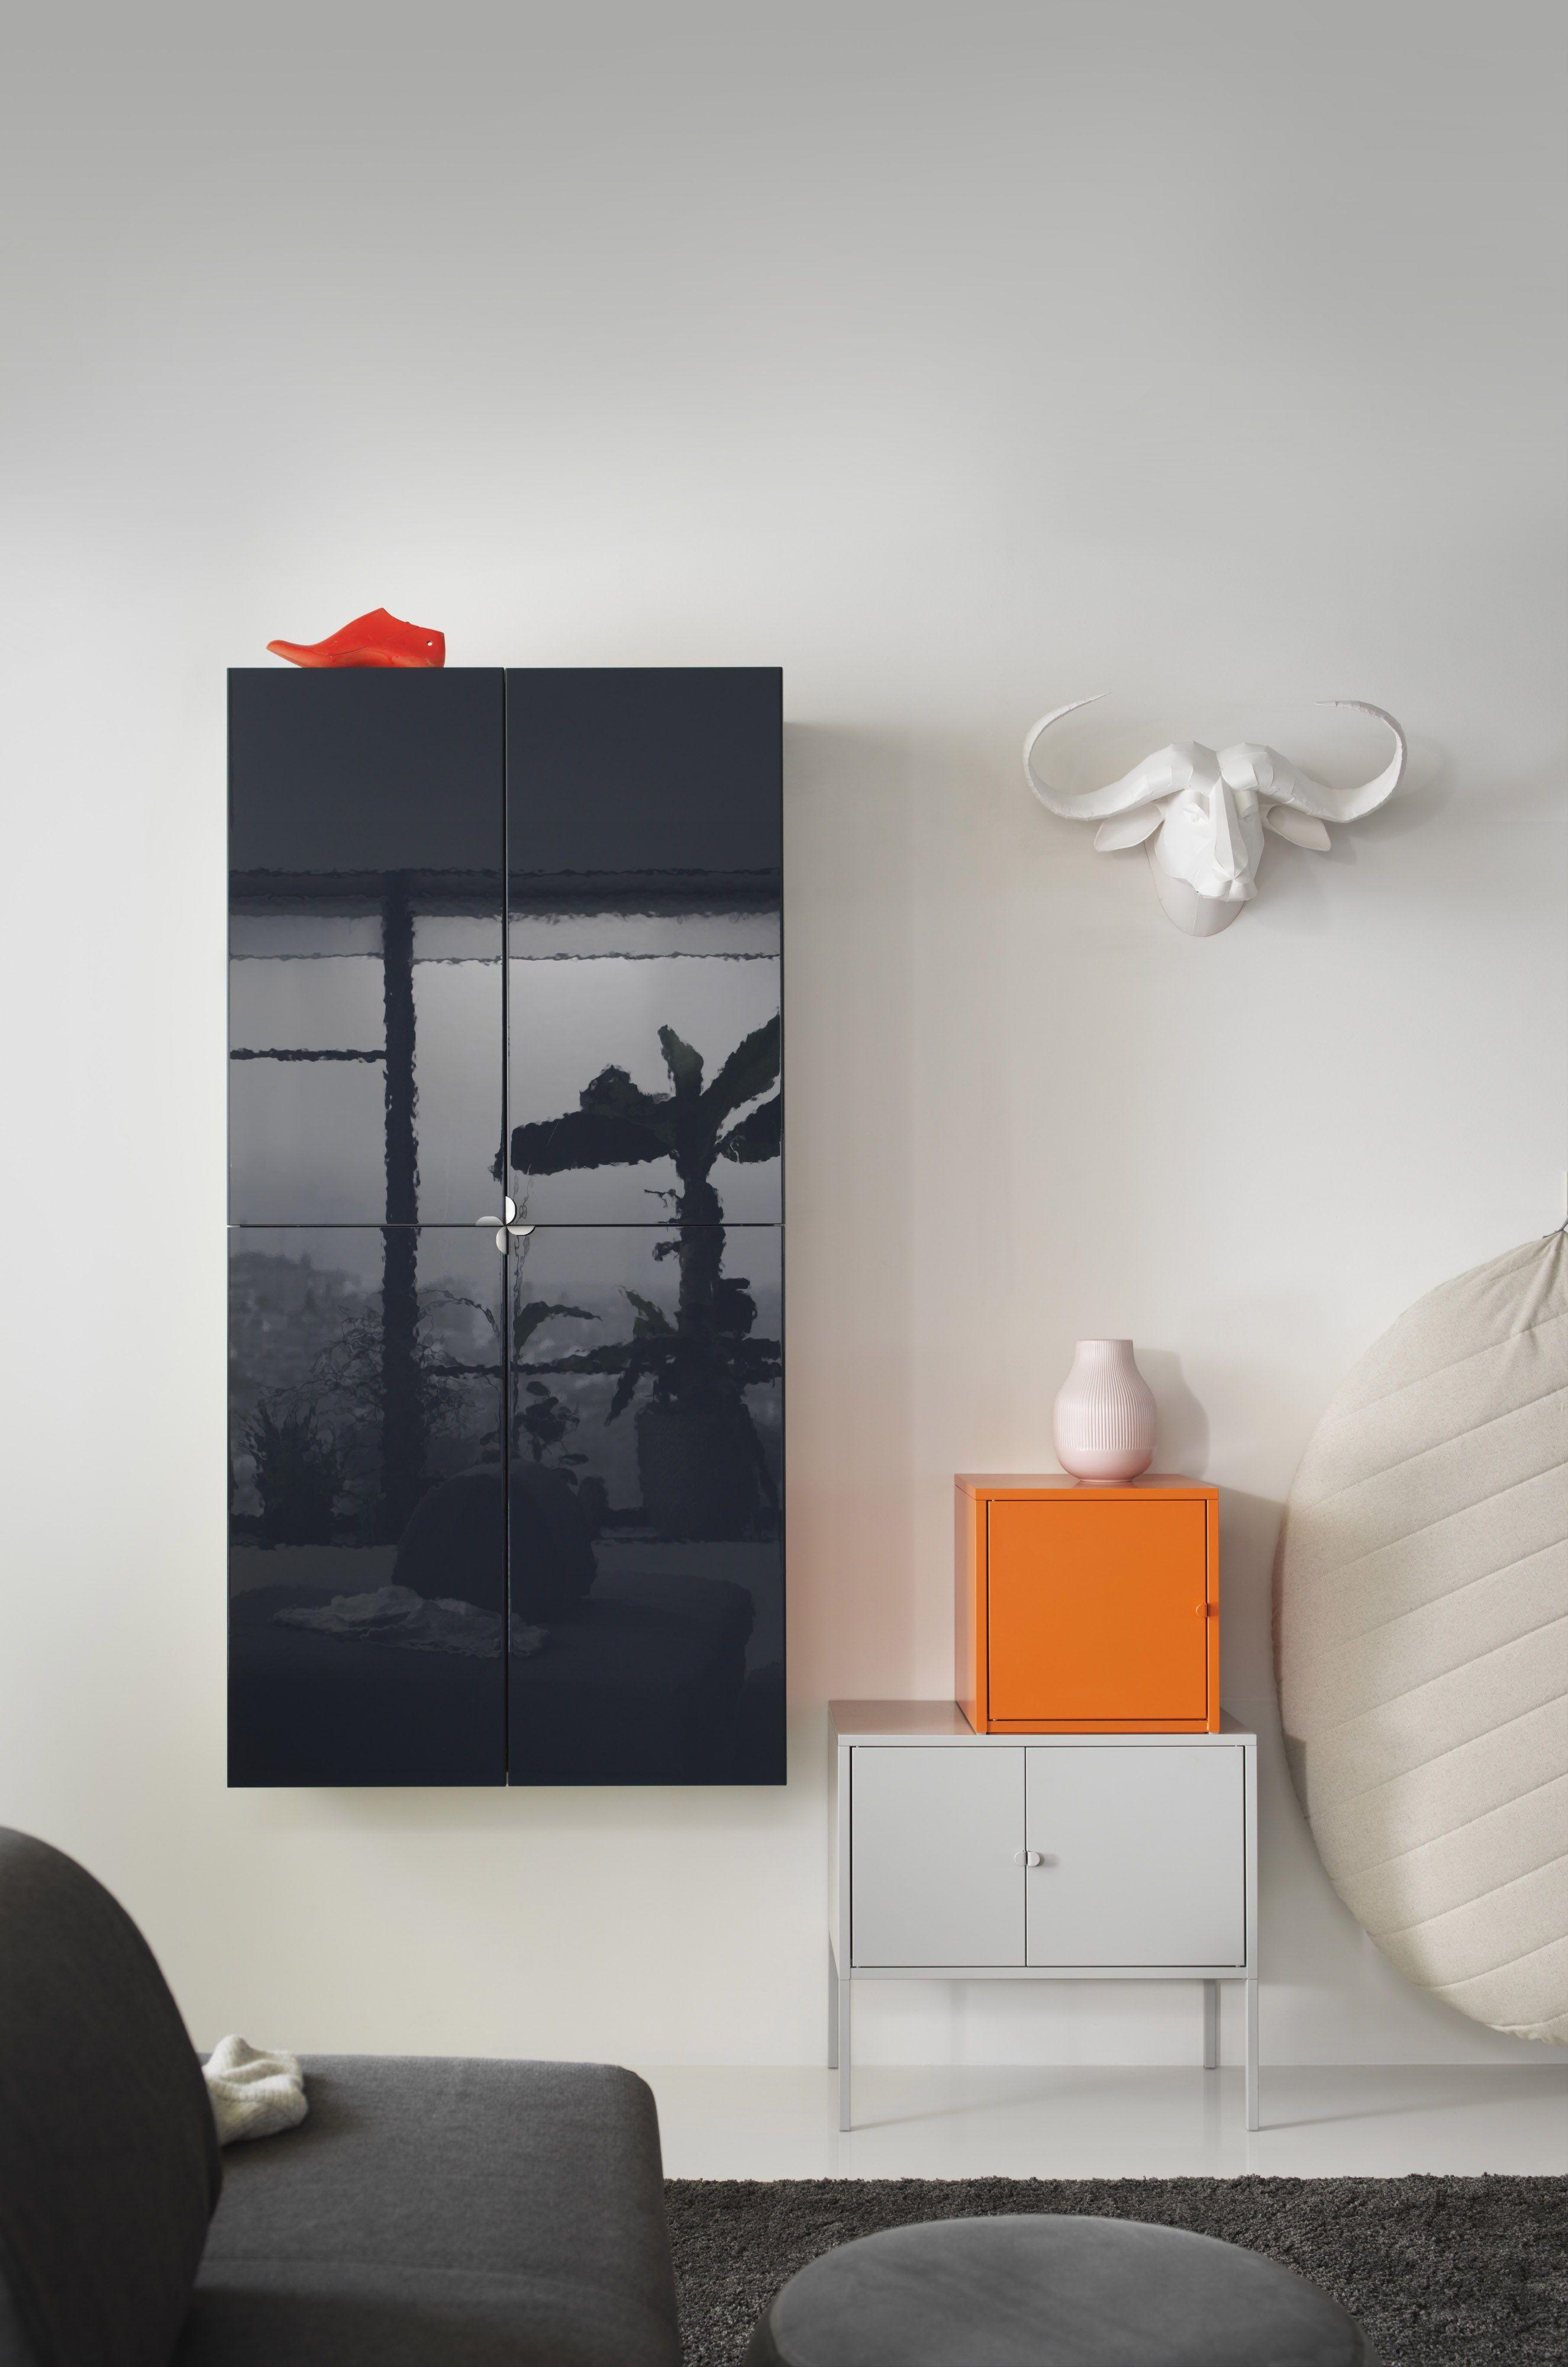 Ikea Metalen Slaapbank.Lixhult Kast Metaal Oranje 35x35 Cm Ikea Kast Ikea En Kastdeuren